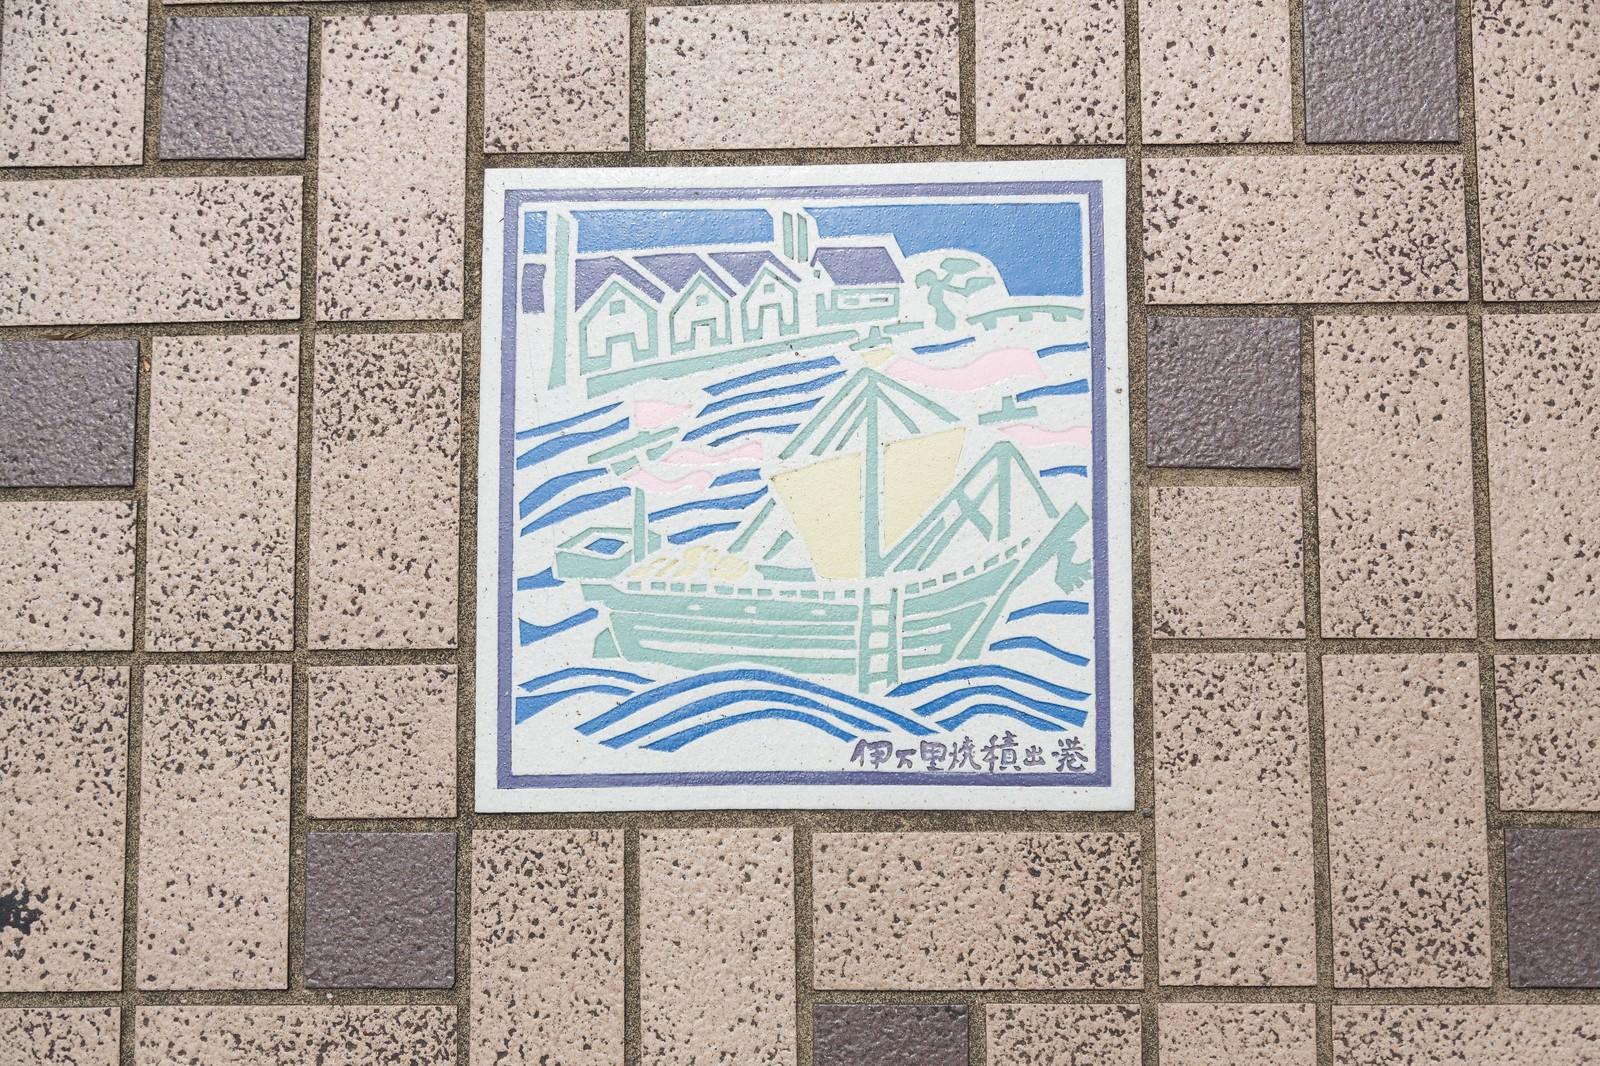 「「伊万里焼積出港」と描かれたタイル」の写真